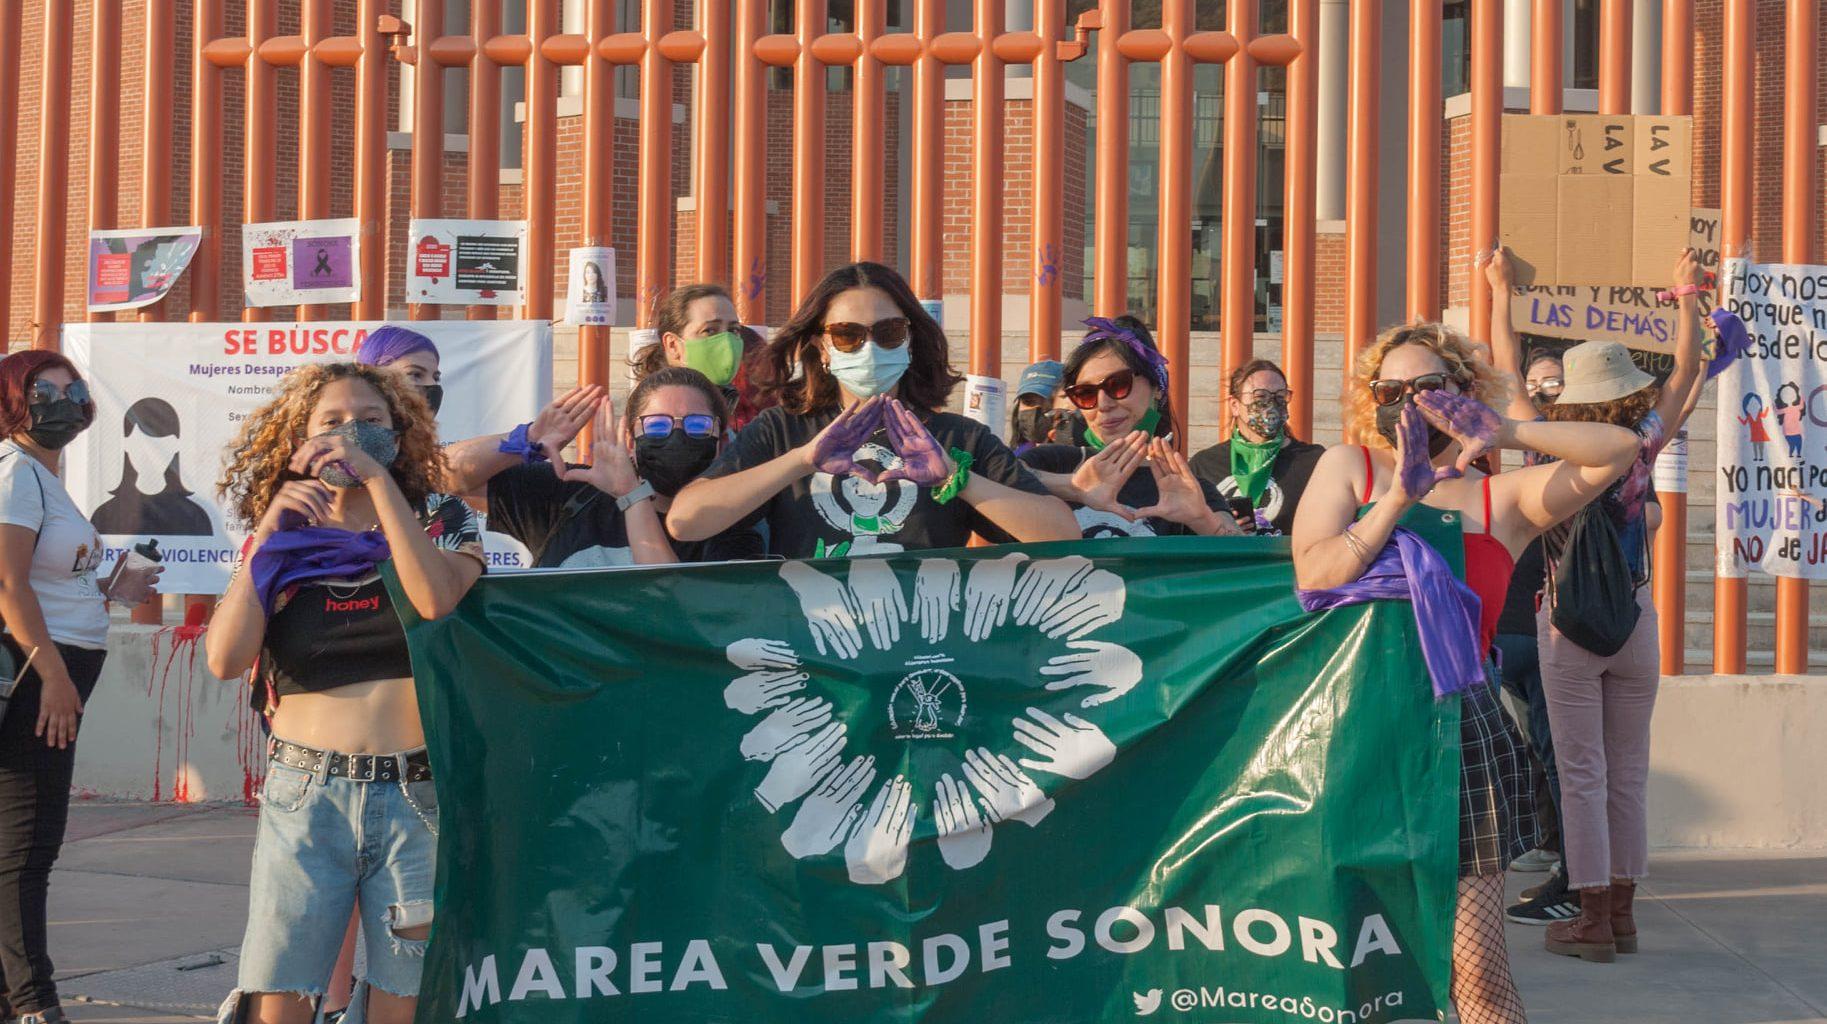 Marea Verde Sonora